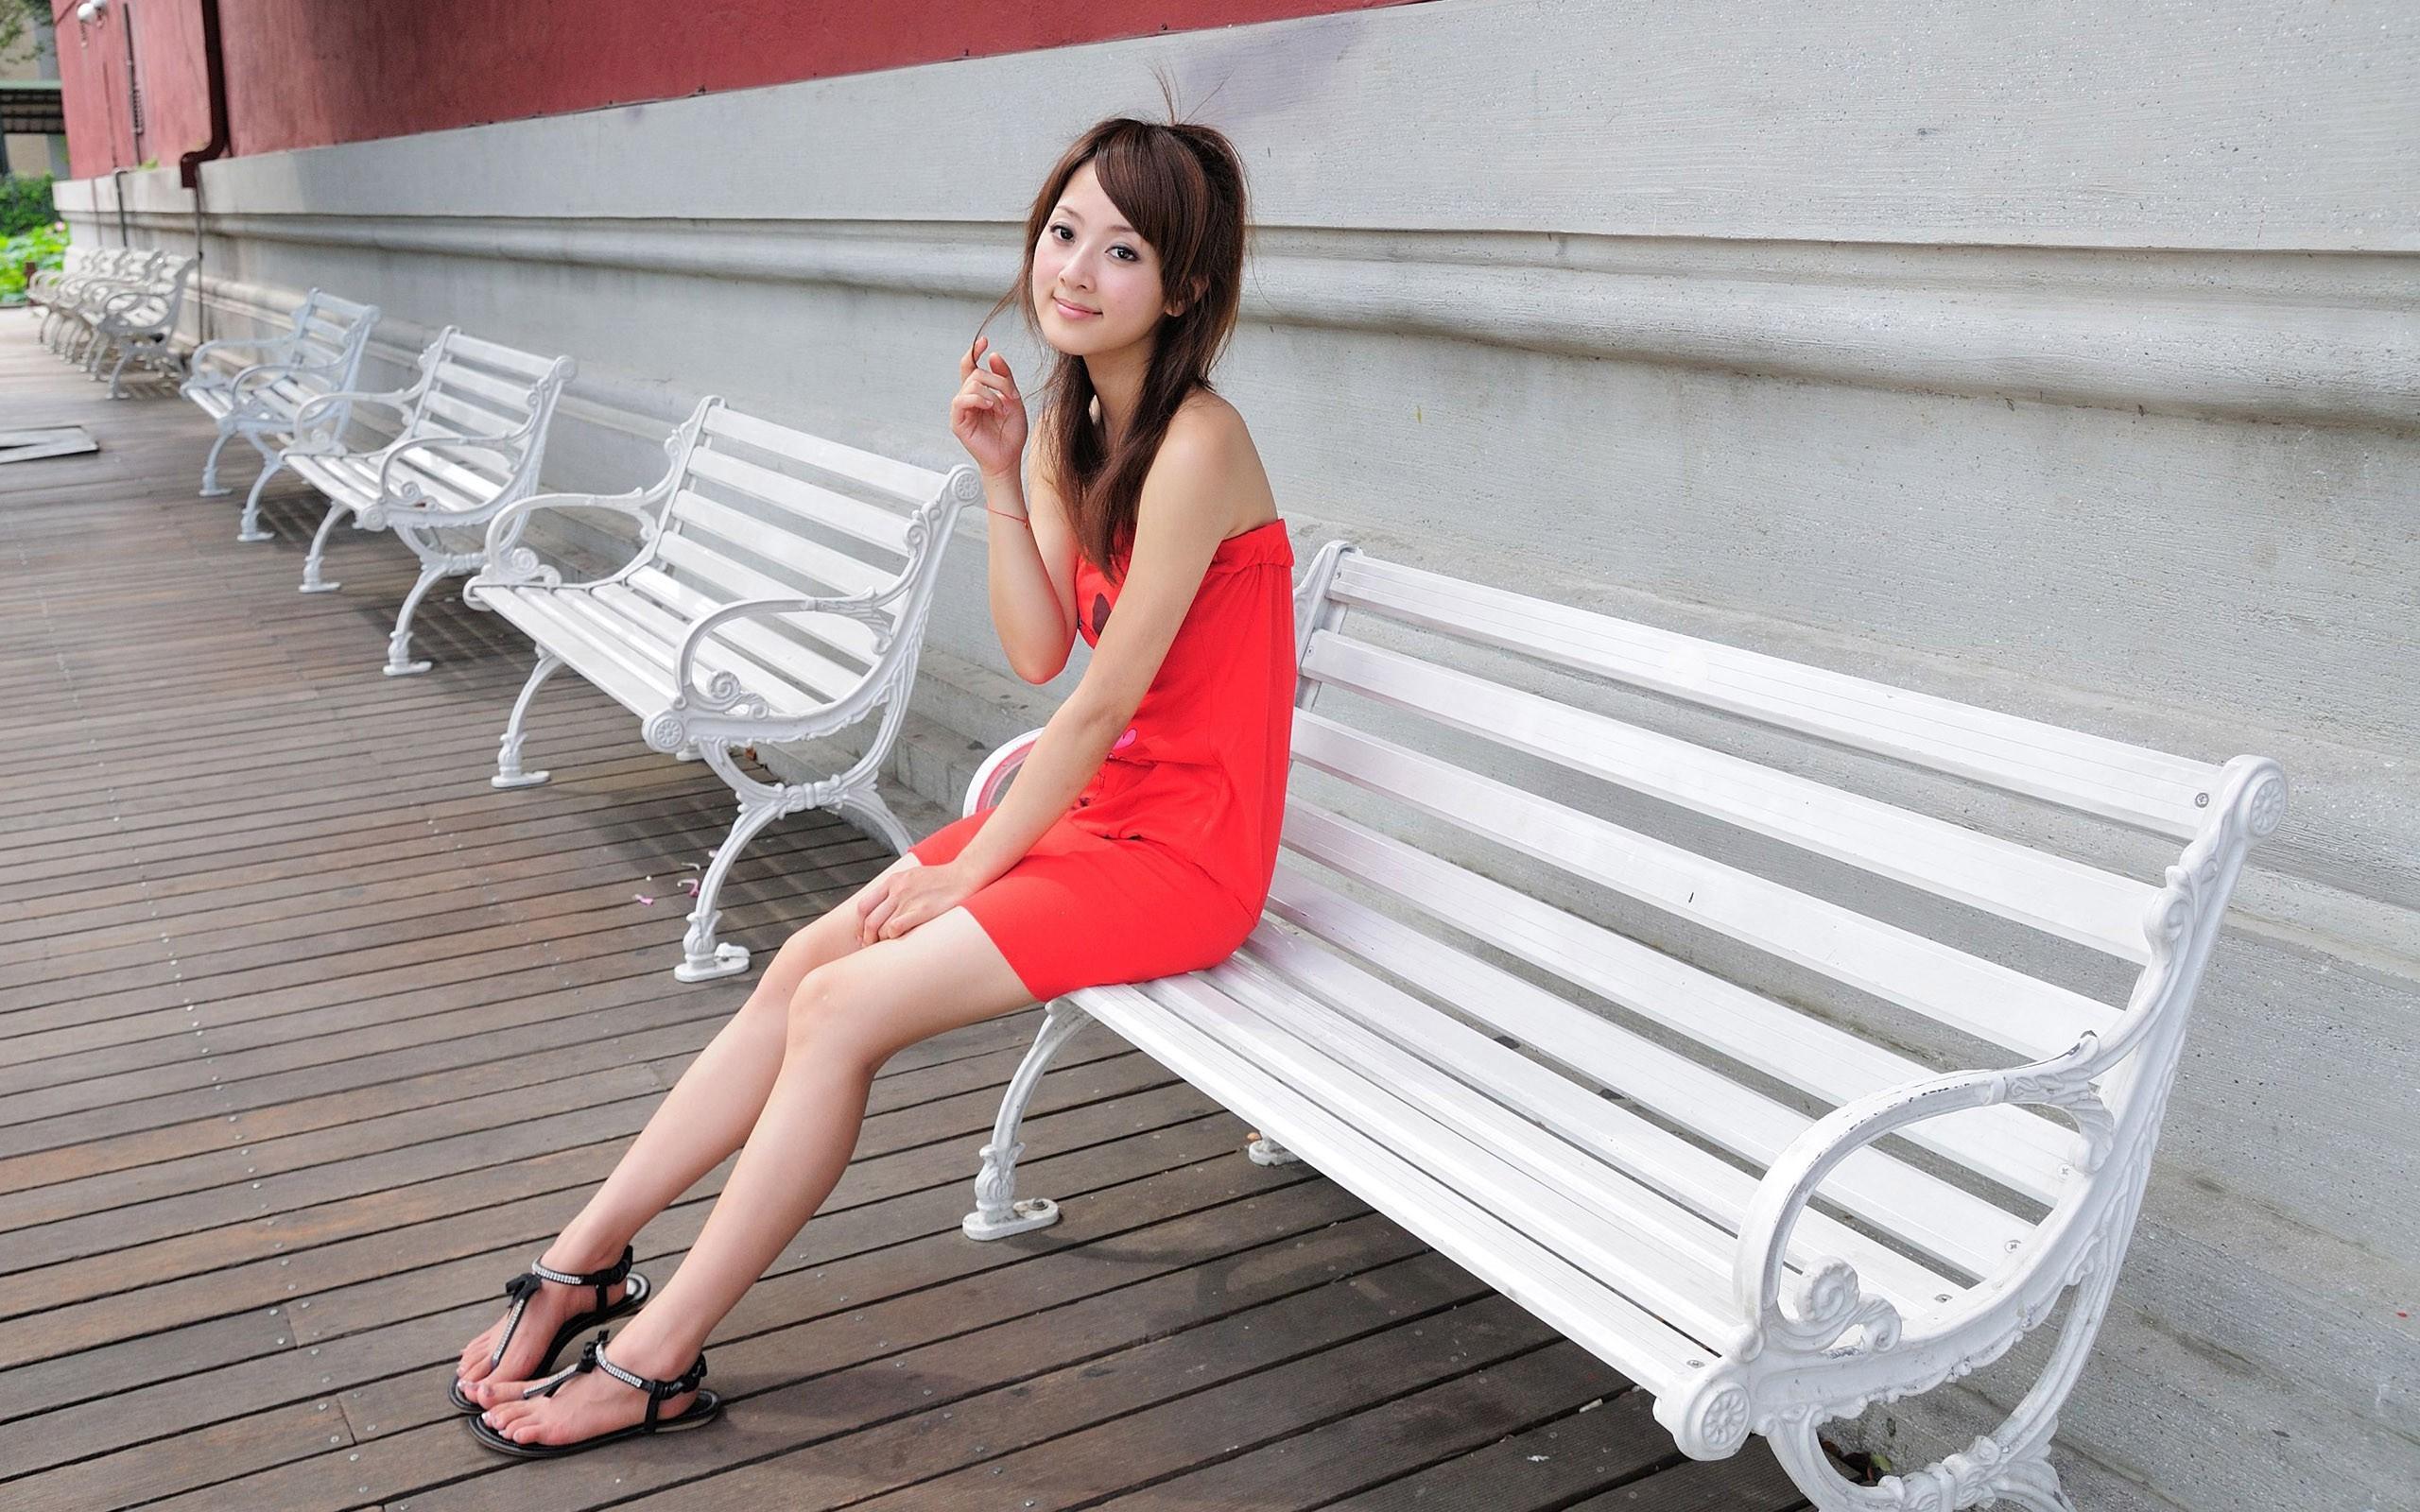 Asian Women Toes